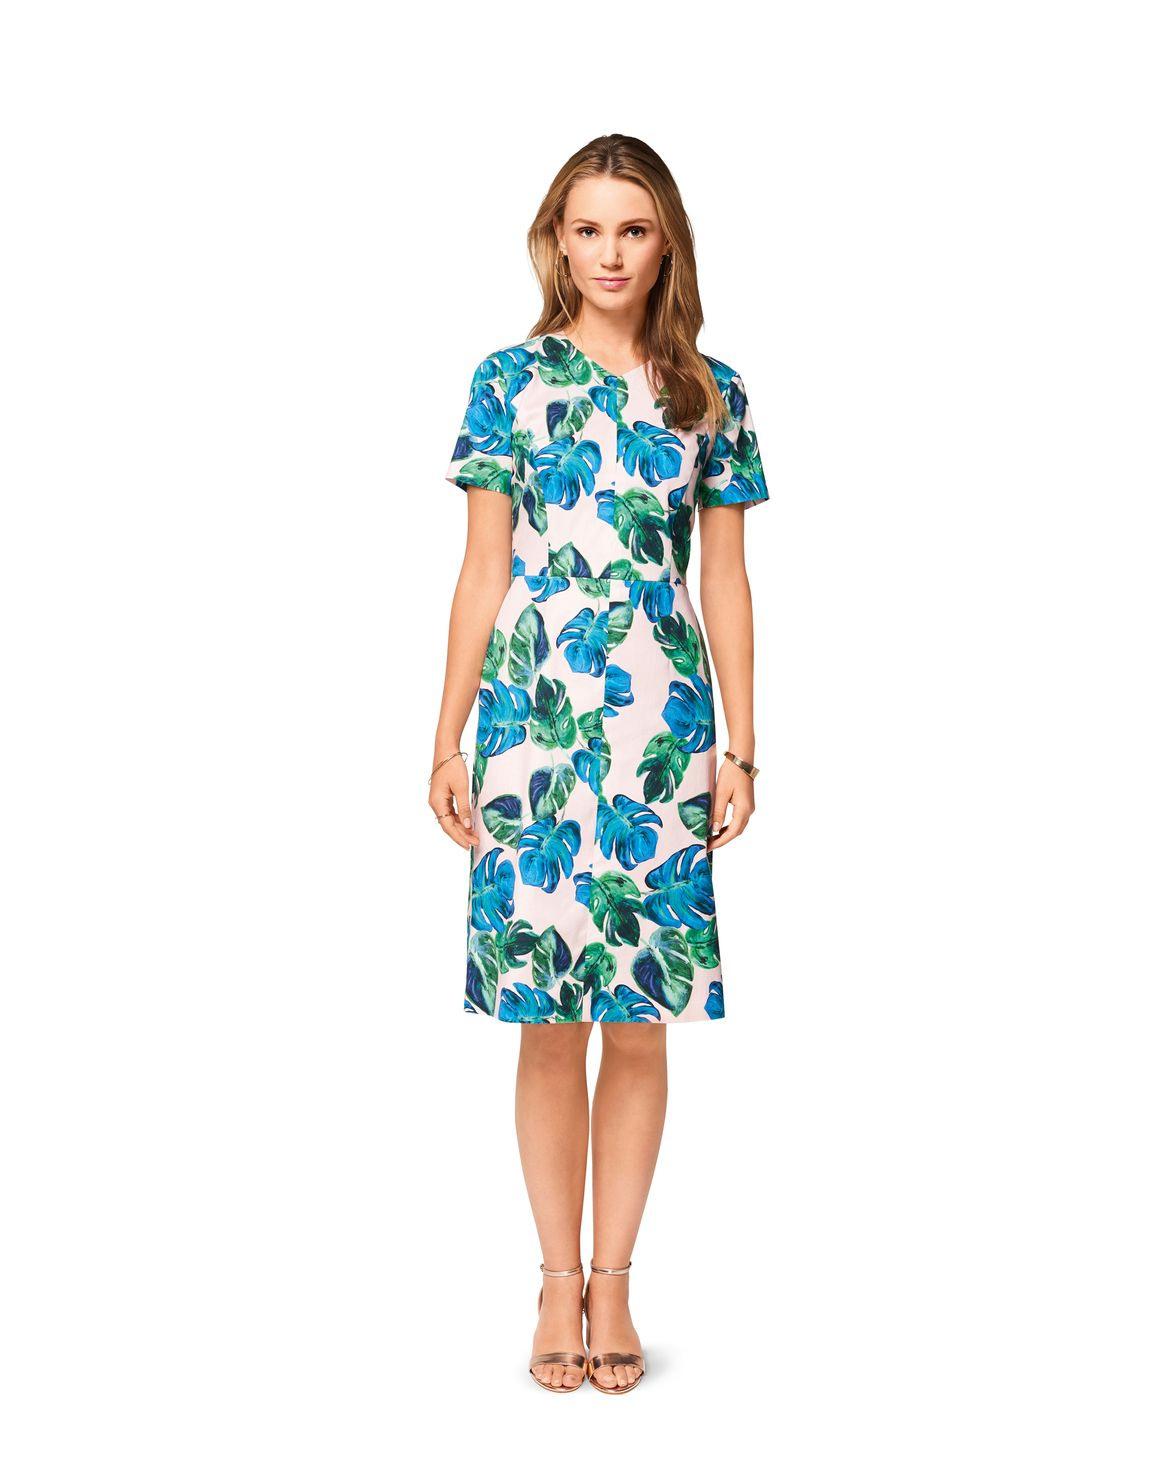 10 Elegant Kleid Kniebedeckt DesignAbend Schön Kleid Kniebedeckt Design